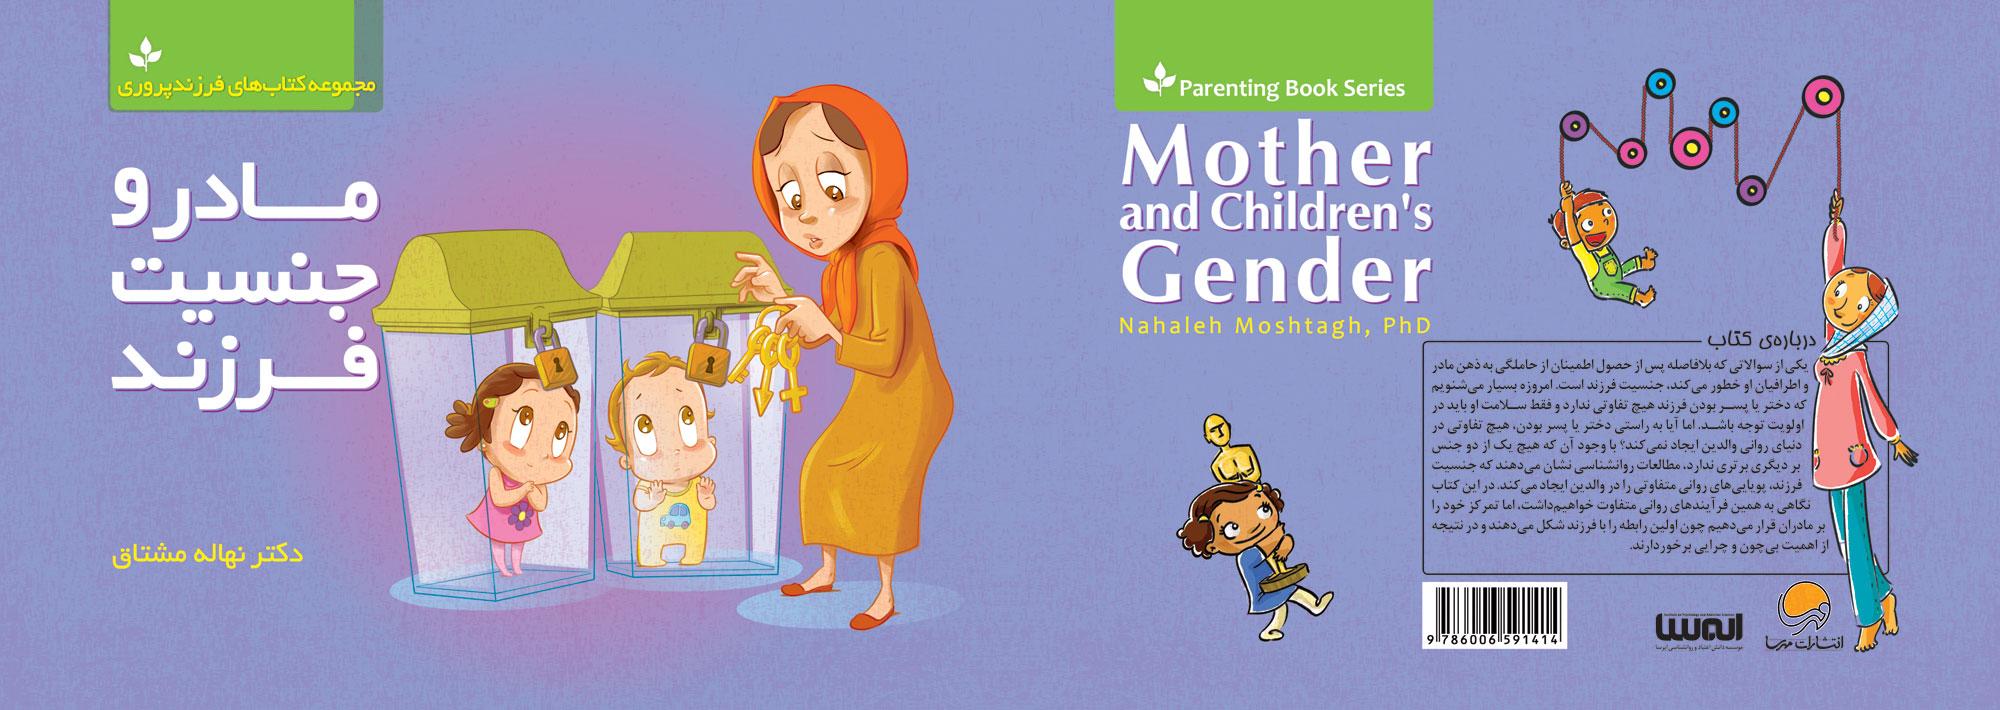 کتاب مادر و جنسیت فرزند